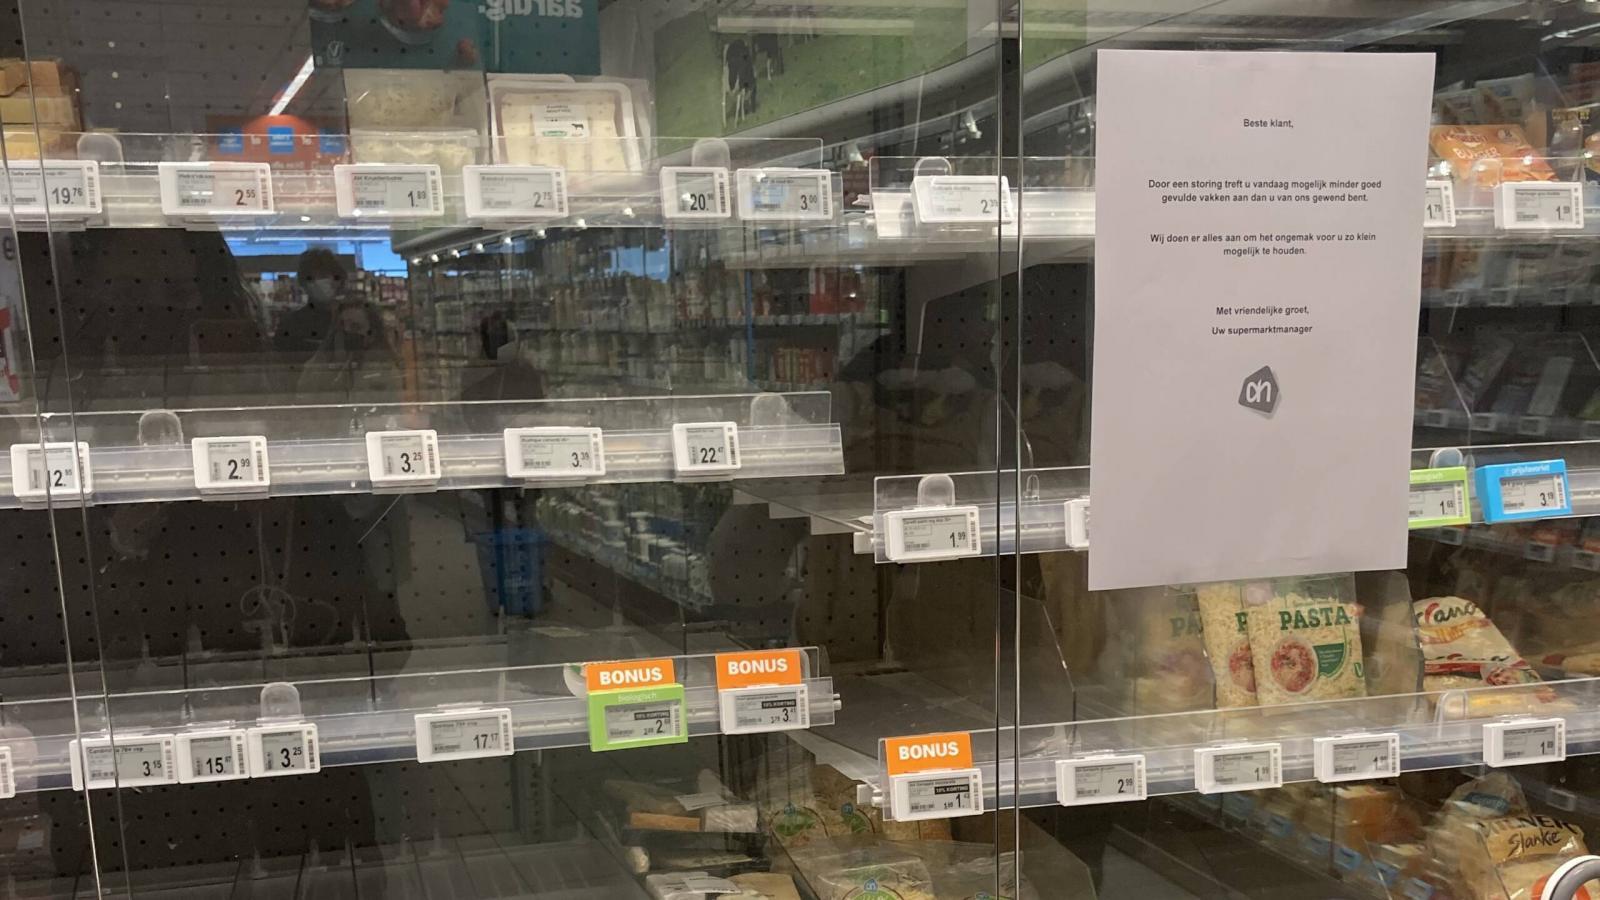 Empty food shelves atAlbert Heijn